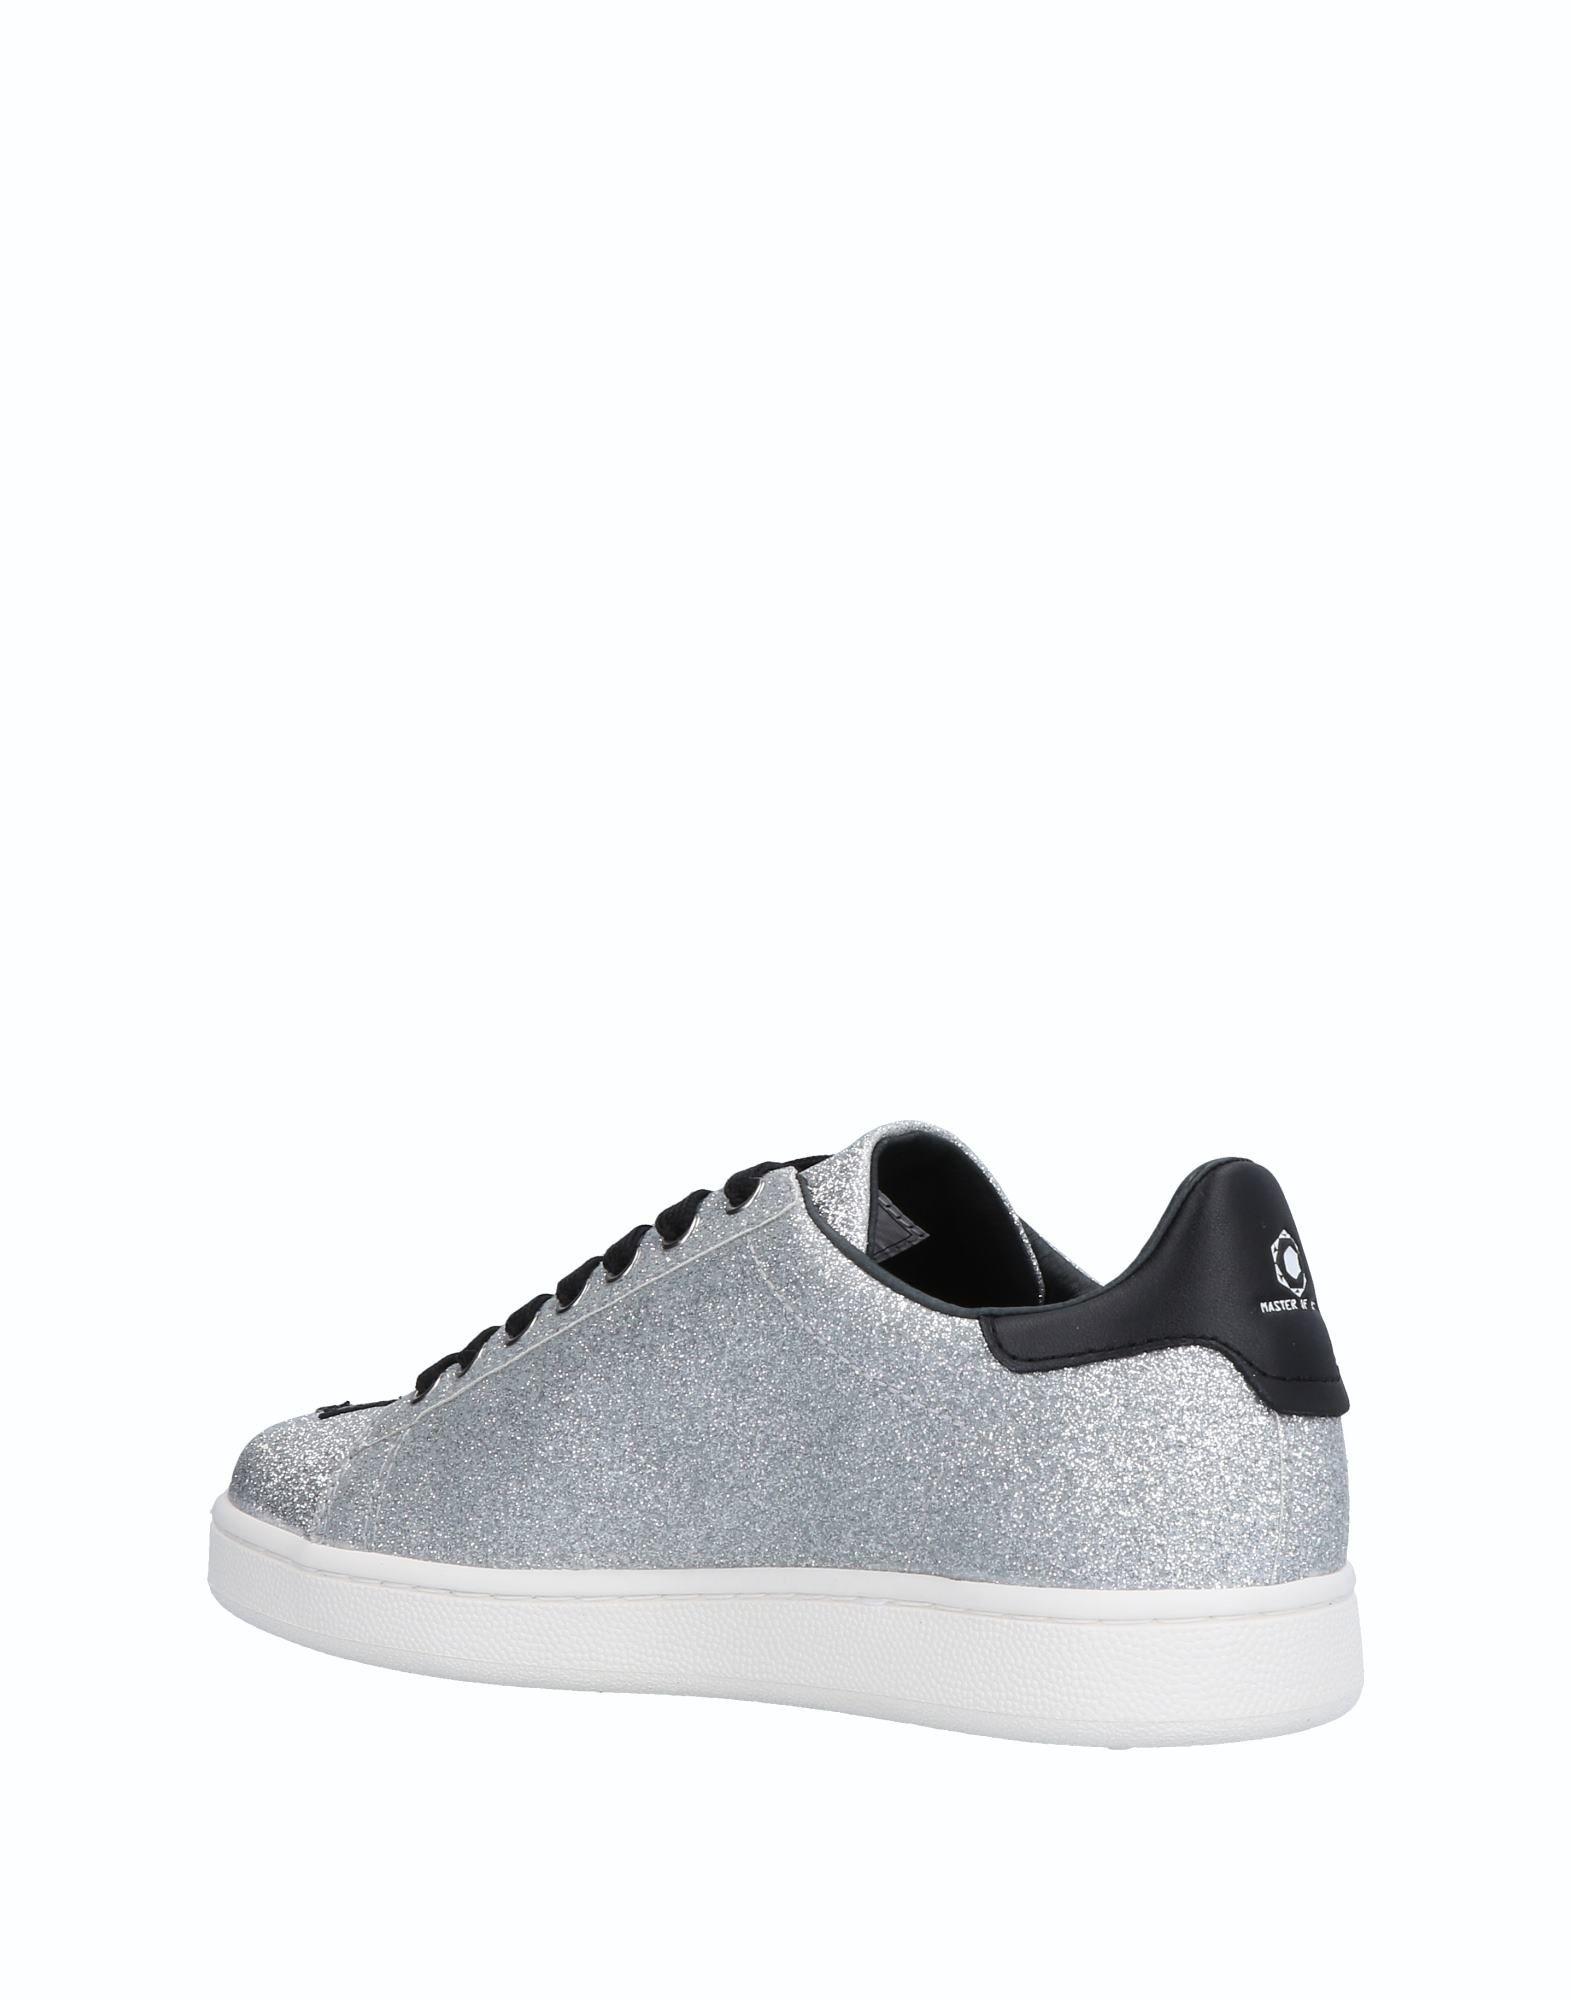 Moa Master Of Qualität Arts Sneakers Damen  11509130QJ Gute Qualität Of beliebte Schuhe 323077